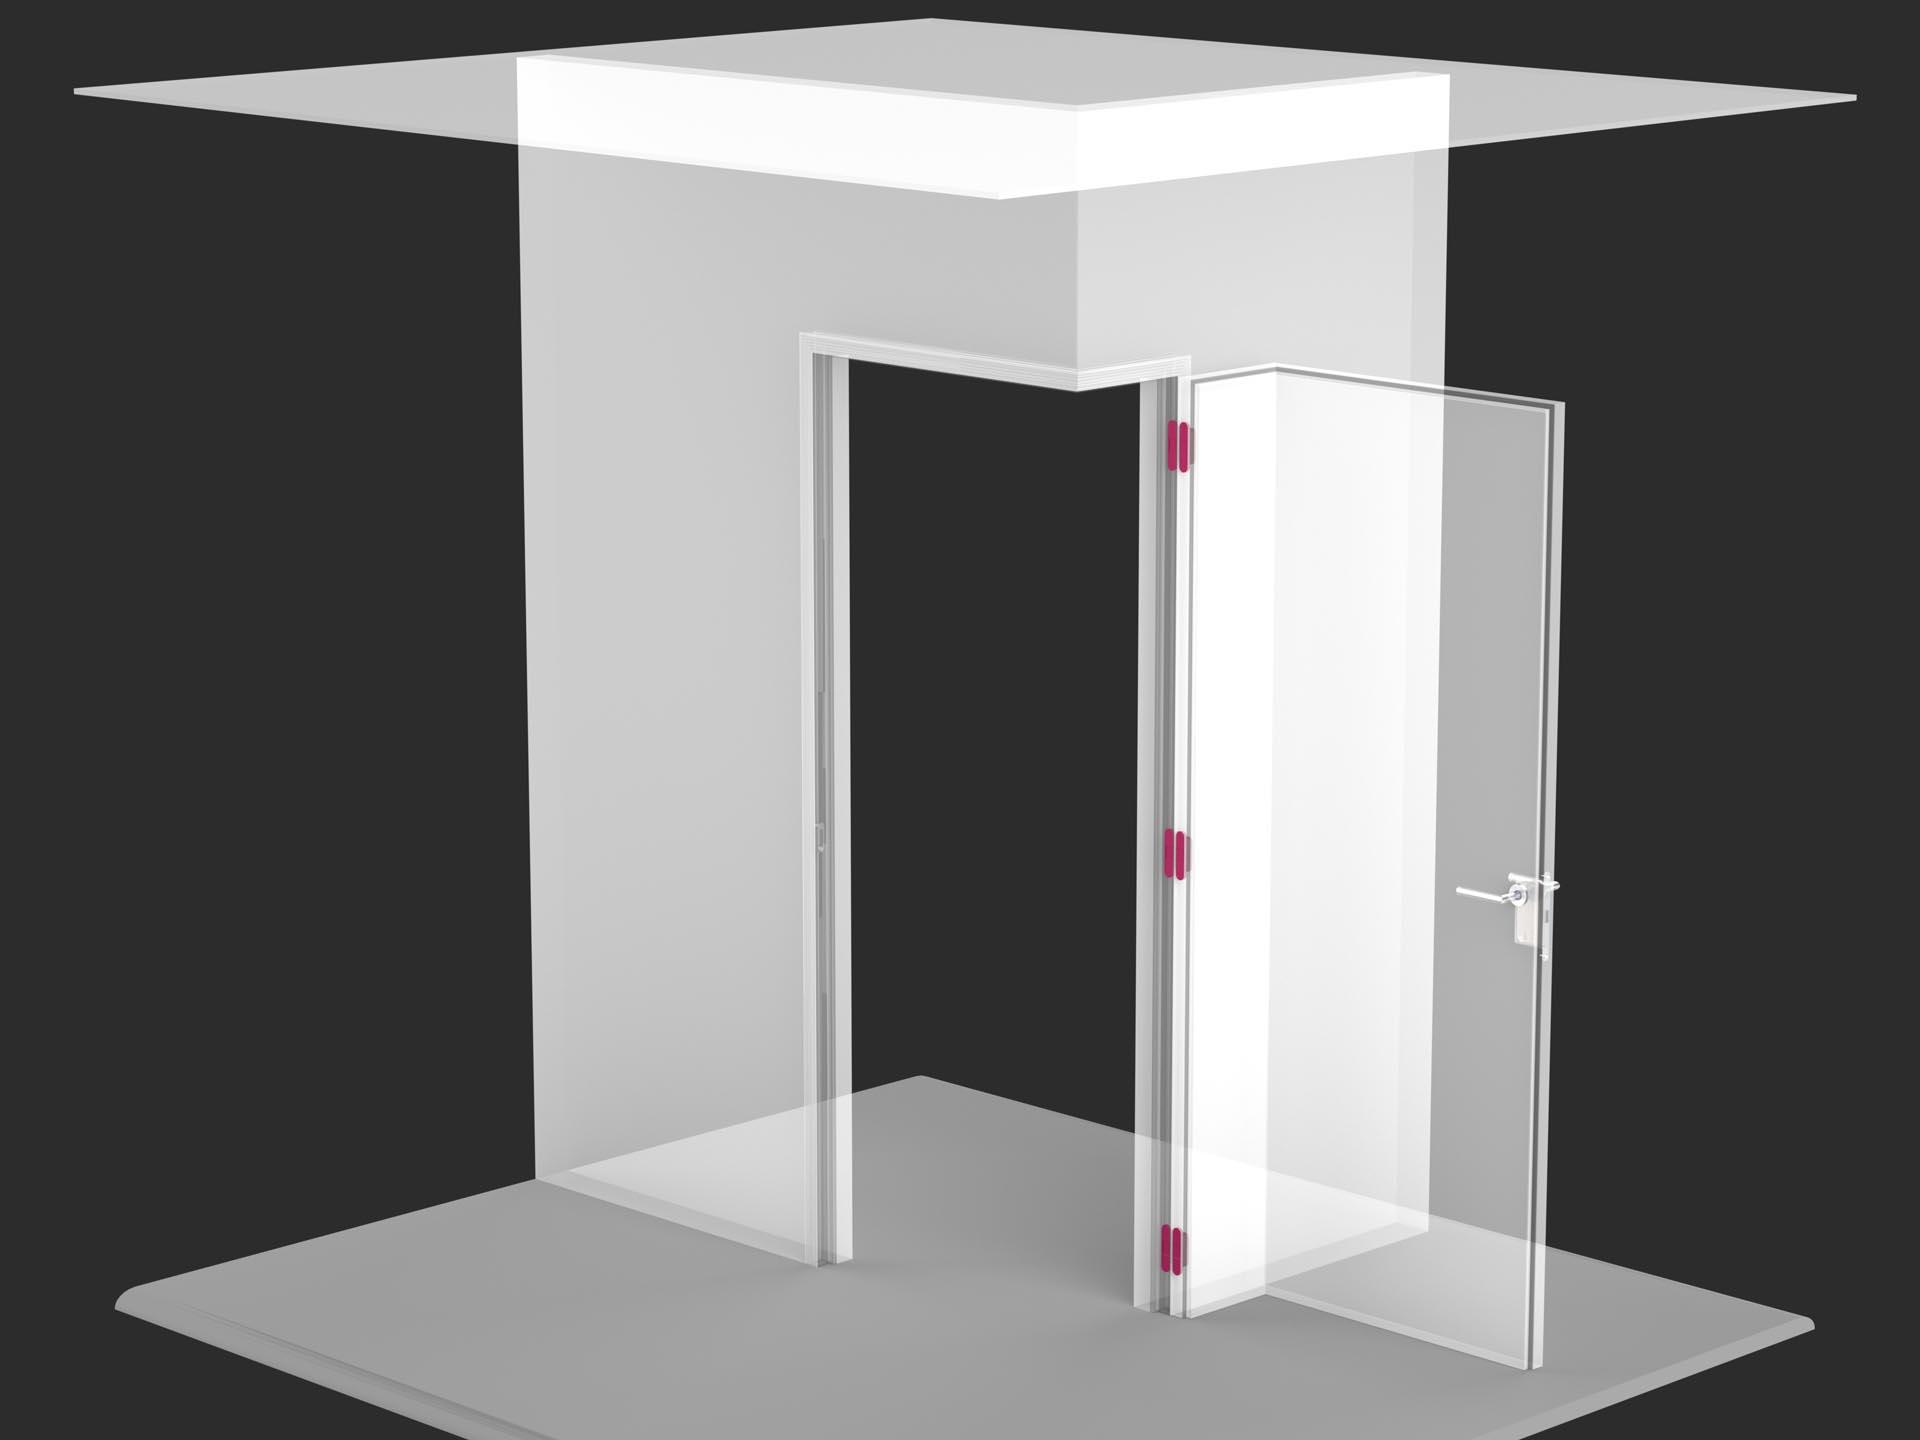 Porta filomuro ad angolo evoline3